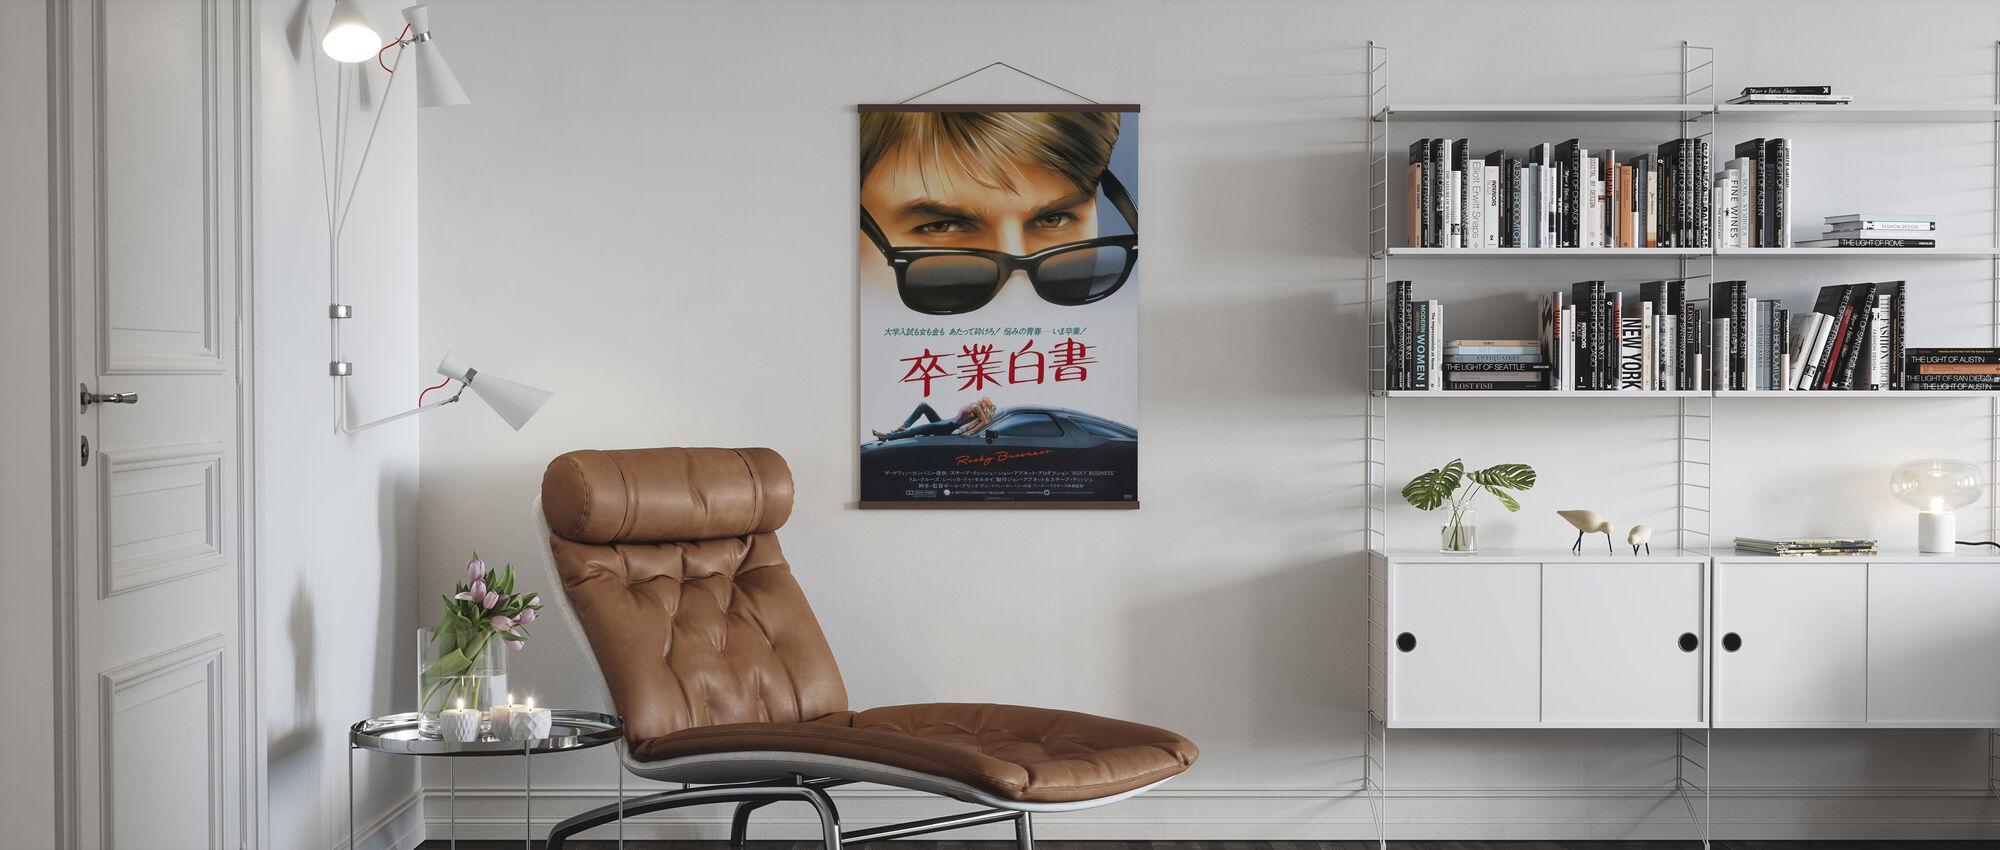 Risky-bedrijf - Poster - Woonkamer